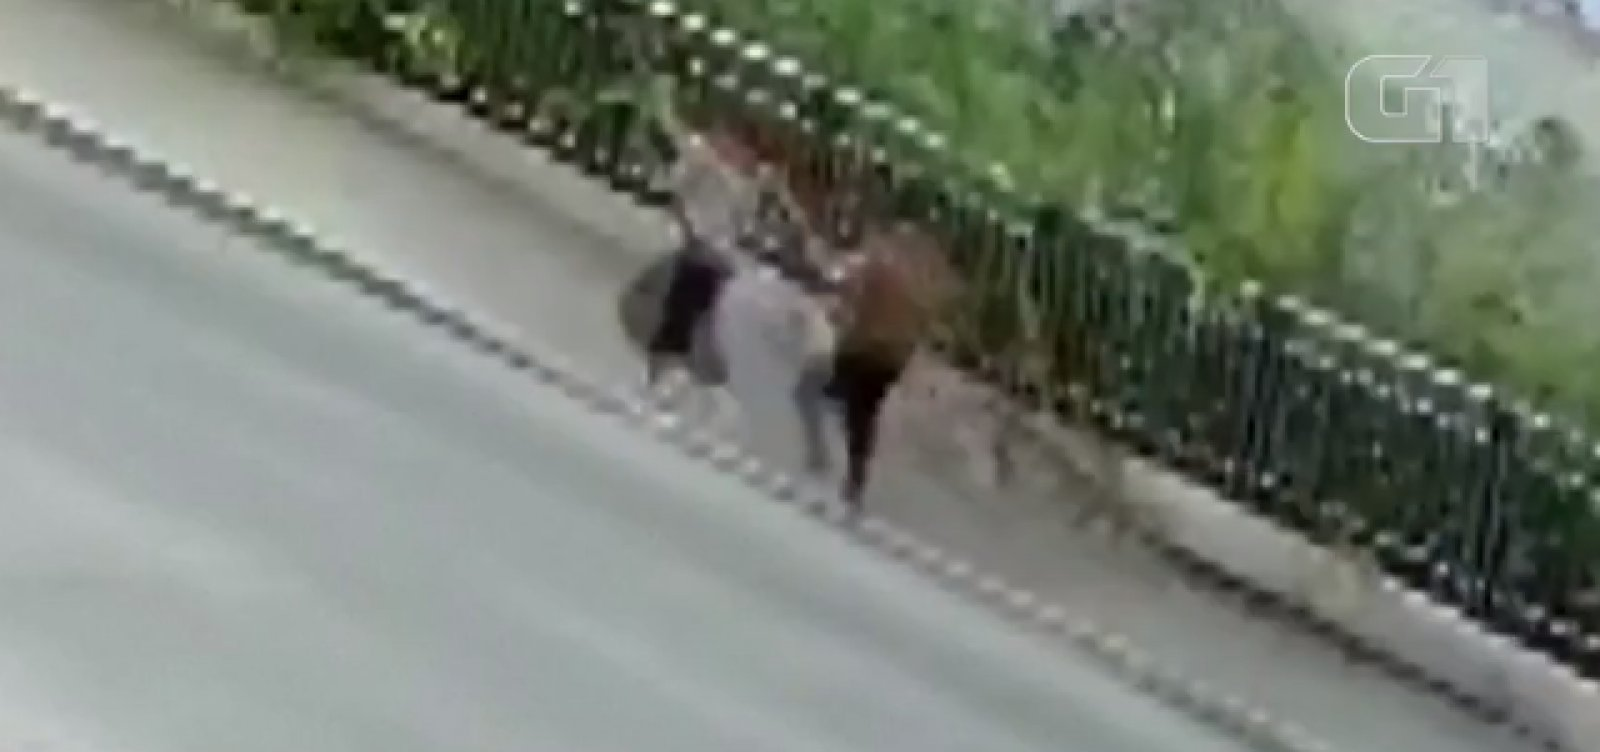 [Calçada desaba e cratera 'engole' dois pedestres na China]